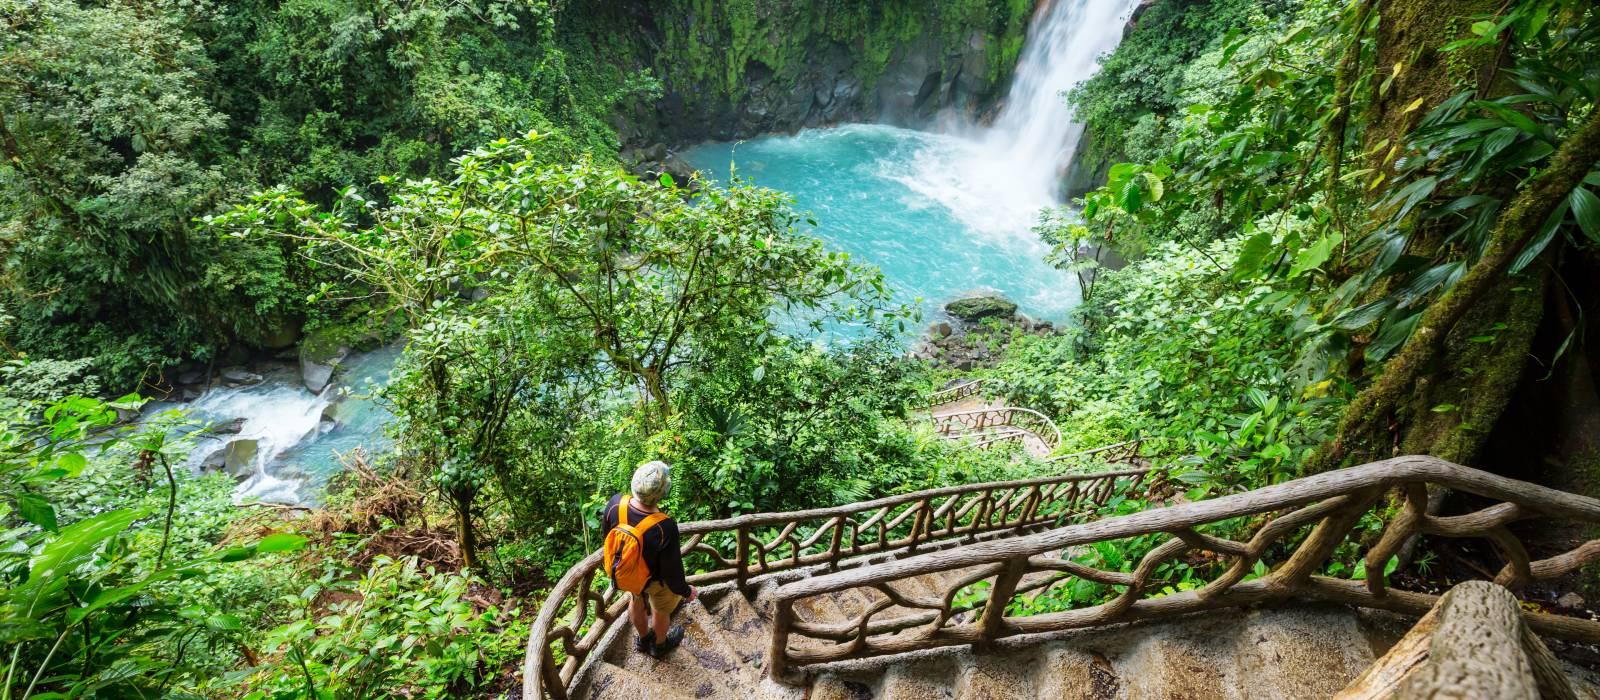 Klassisches Costa Rica – die Naturwunder von Arenal und Manuel Antonio Urlaub 1